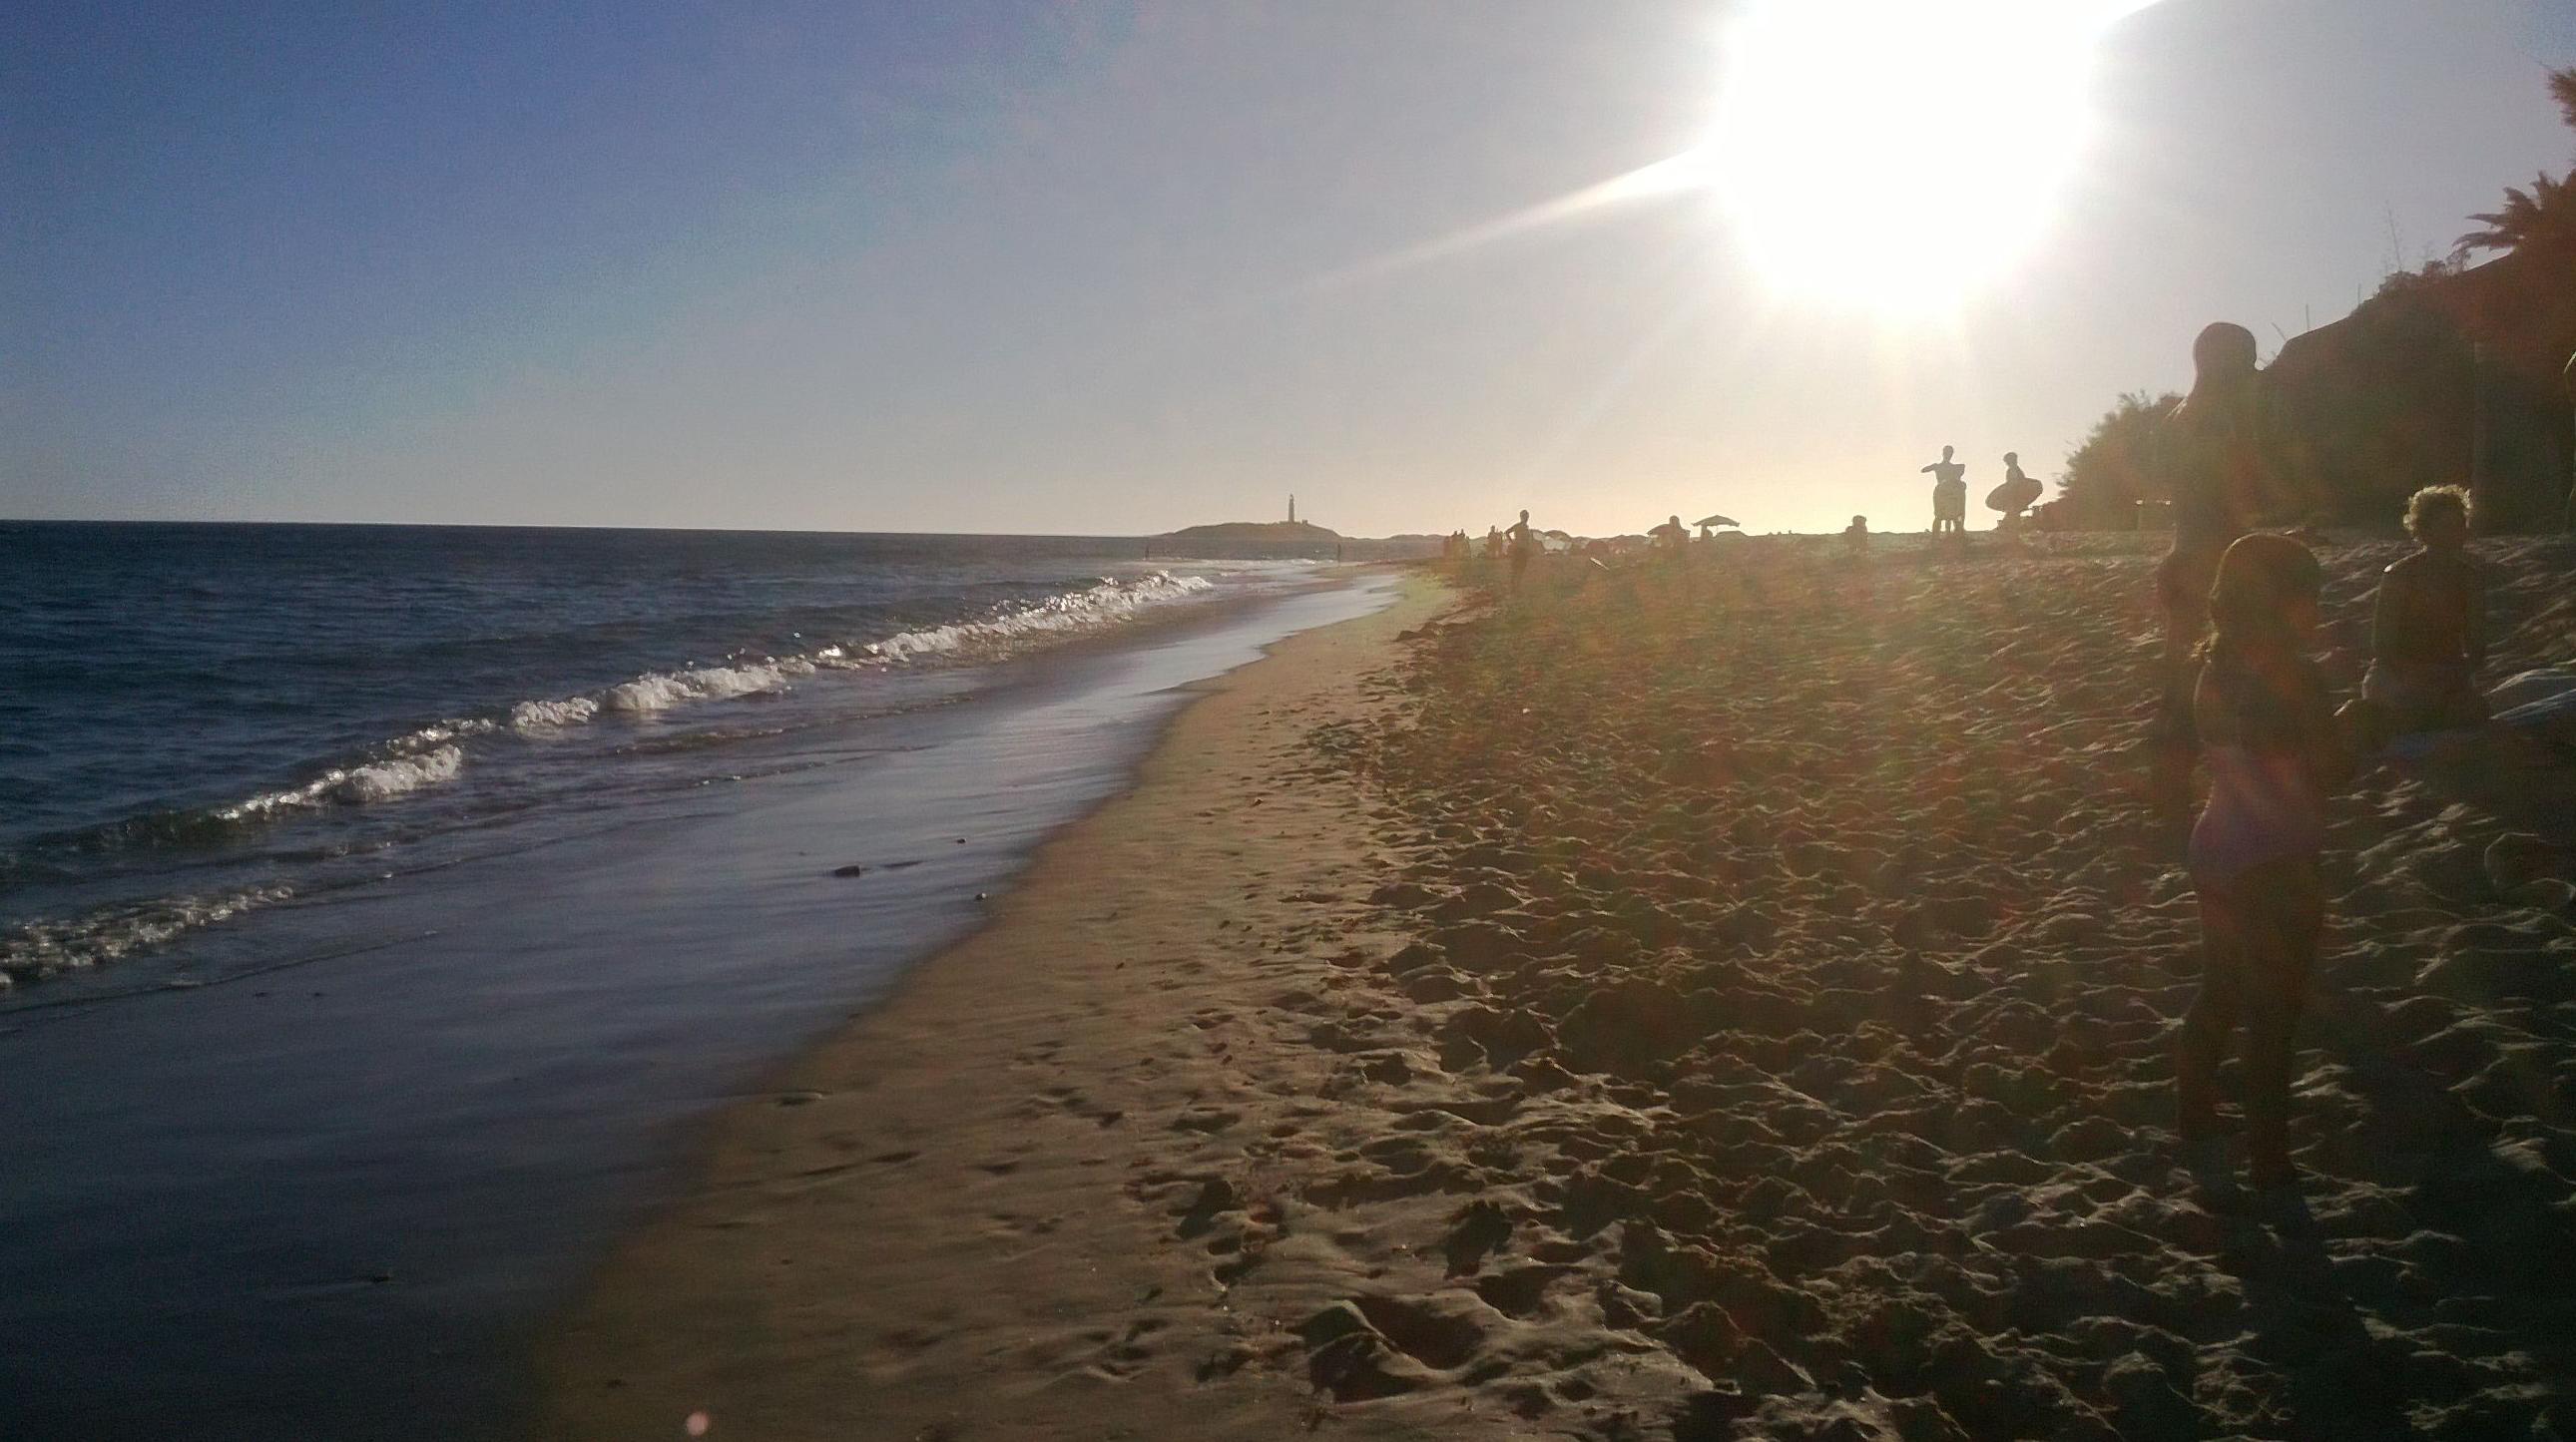 Atardecer en Playa Caños de Meca